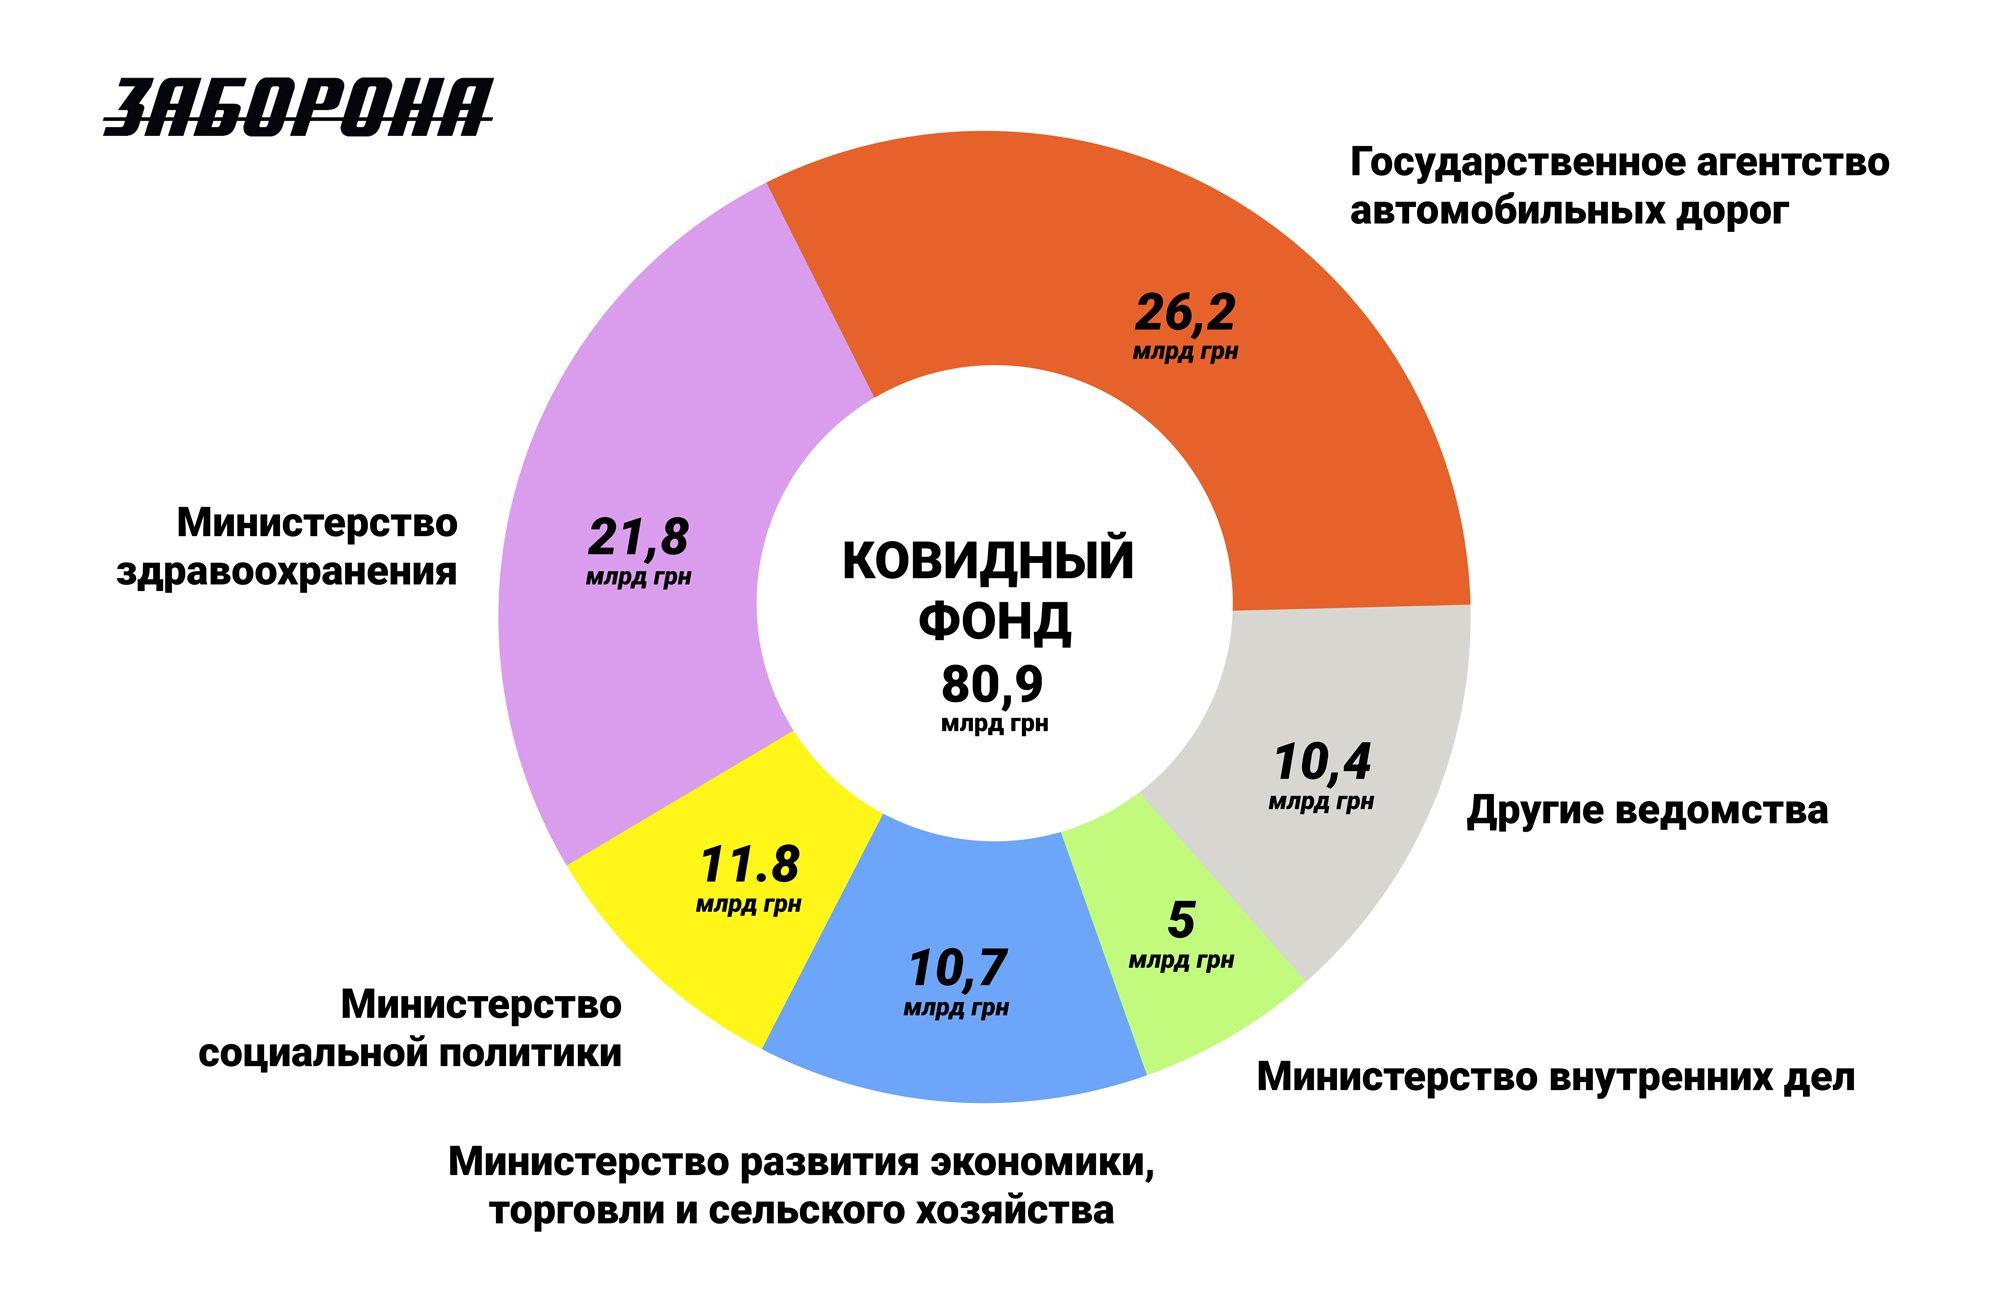 covid ukraine 68 - <b>COVID-фонд должен был спасти Украину от пандемии.</b> Но деньги освоили агентство дорог, МВД и другие ведомства — рассказываем, почему так произошло - Заборона